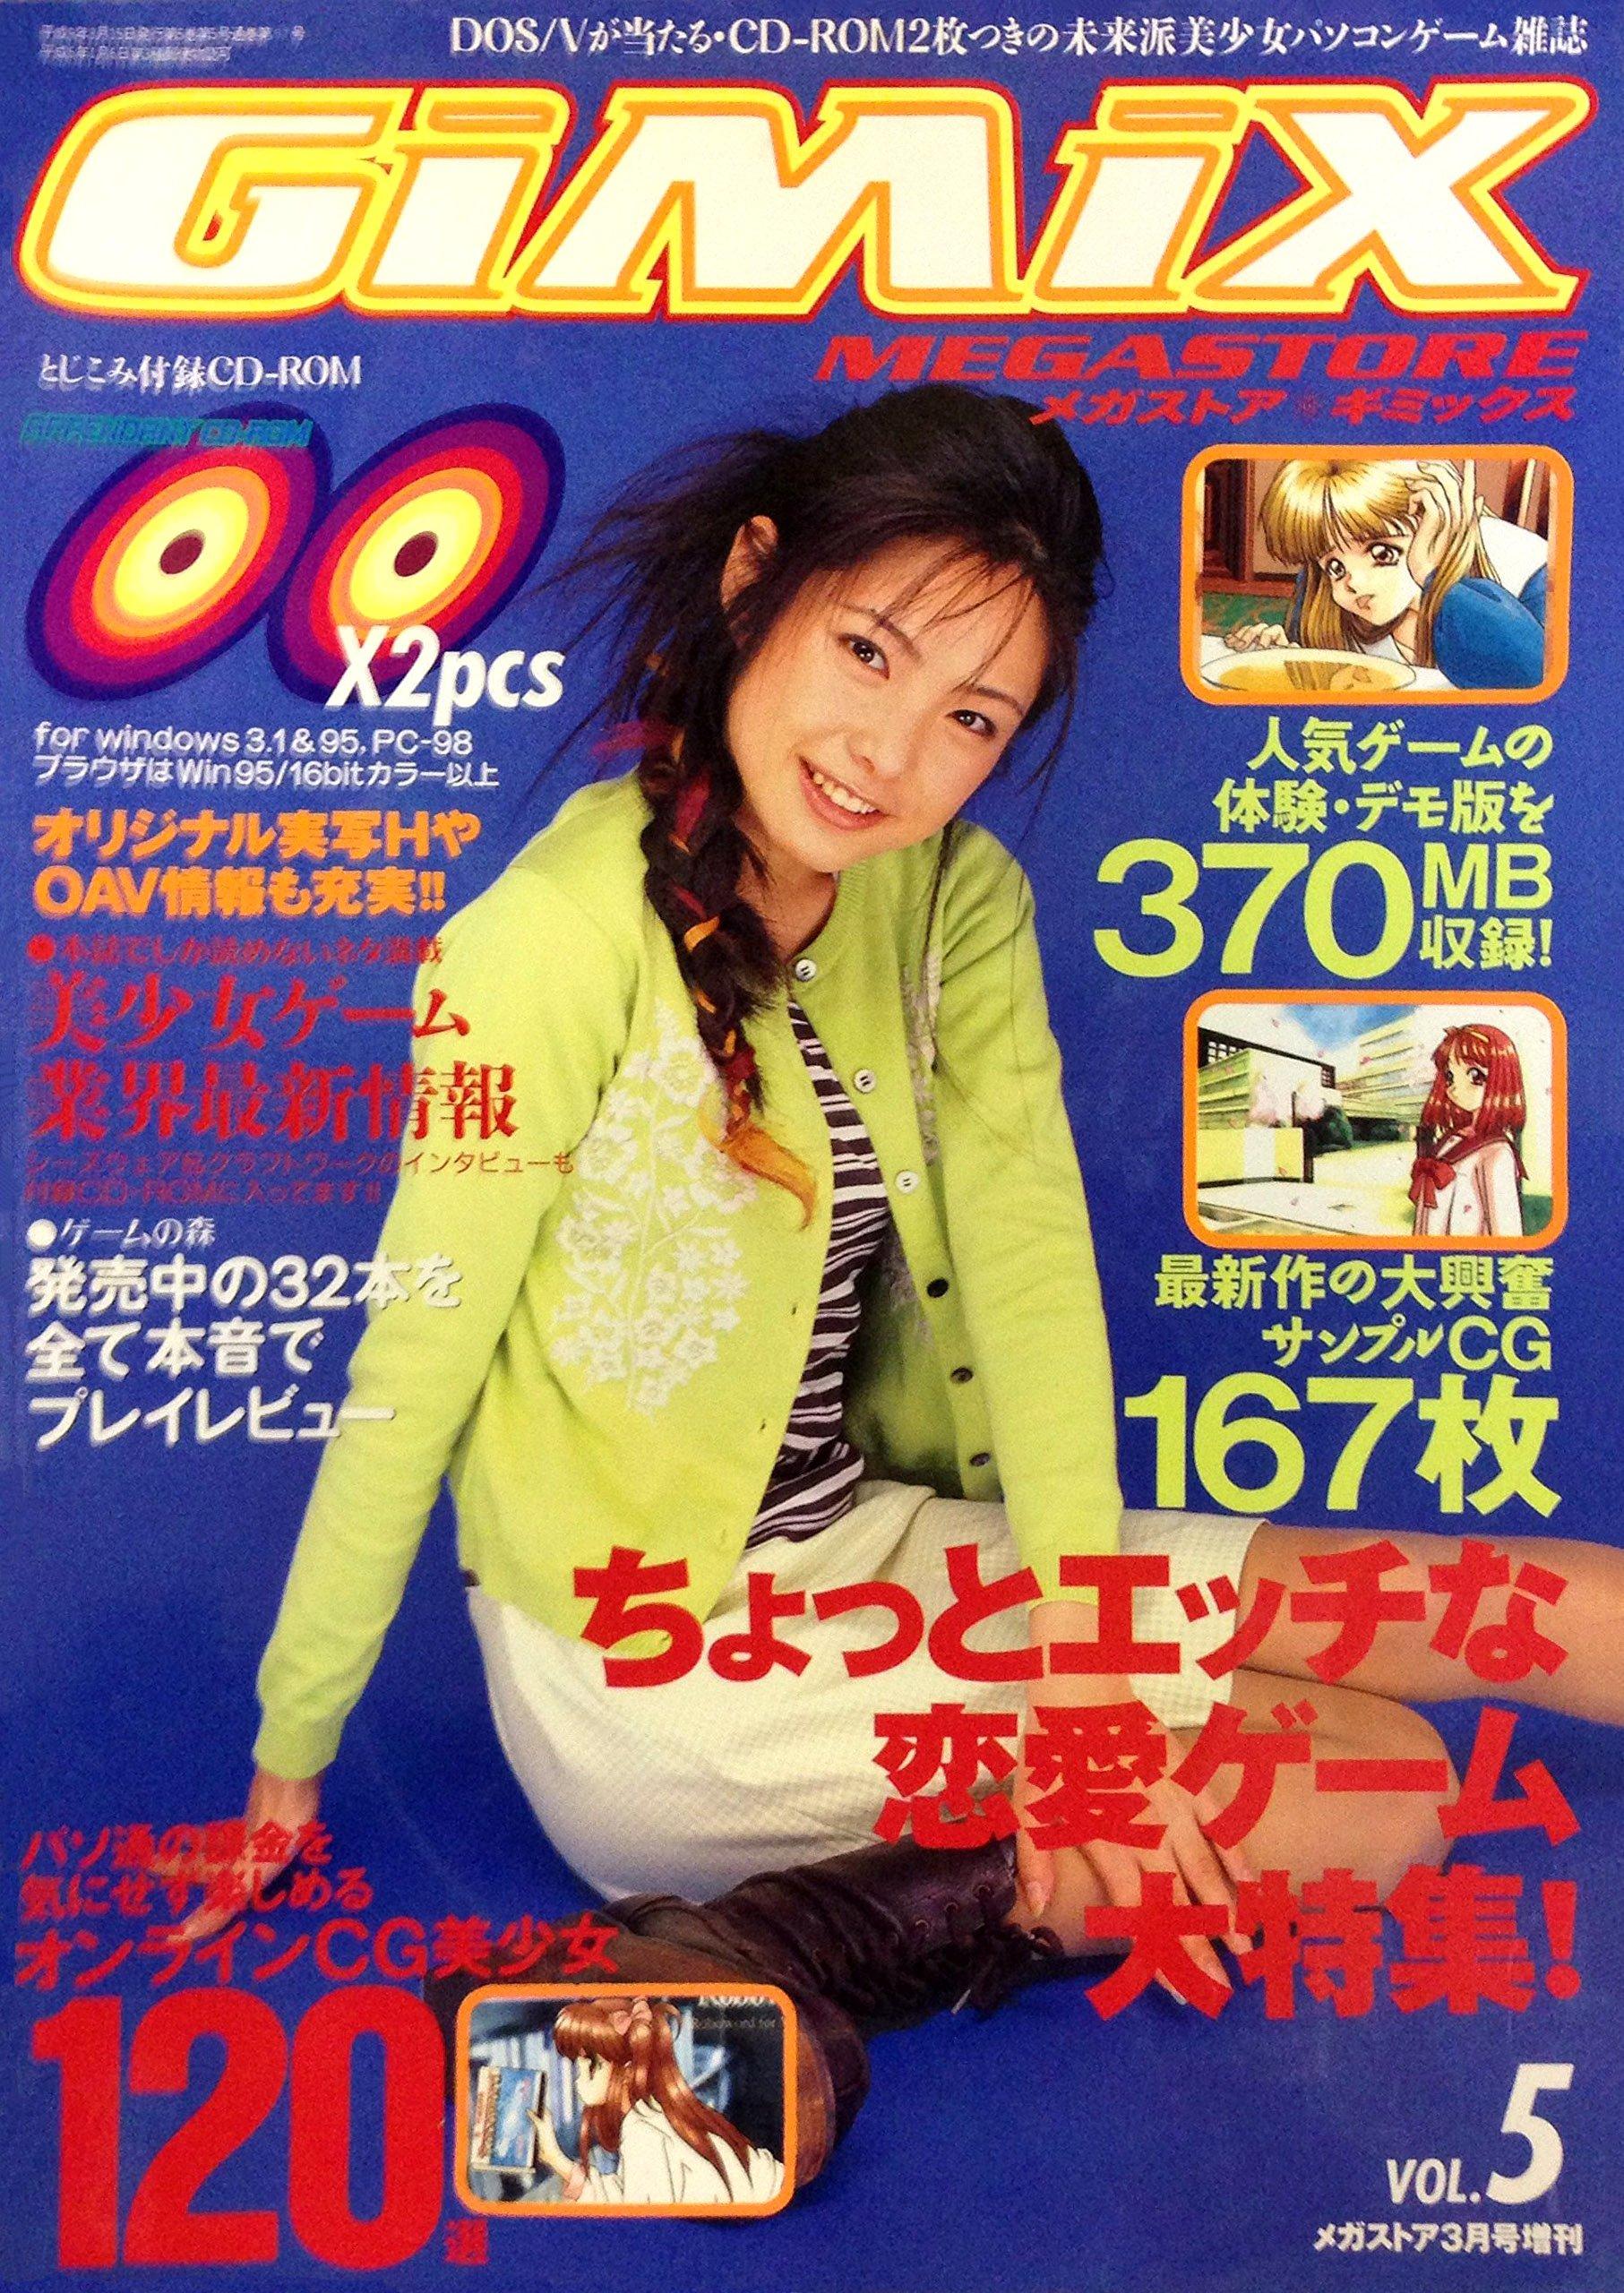 MegaStore Gimix Vol.5 (March 1997)